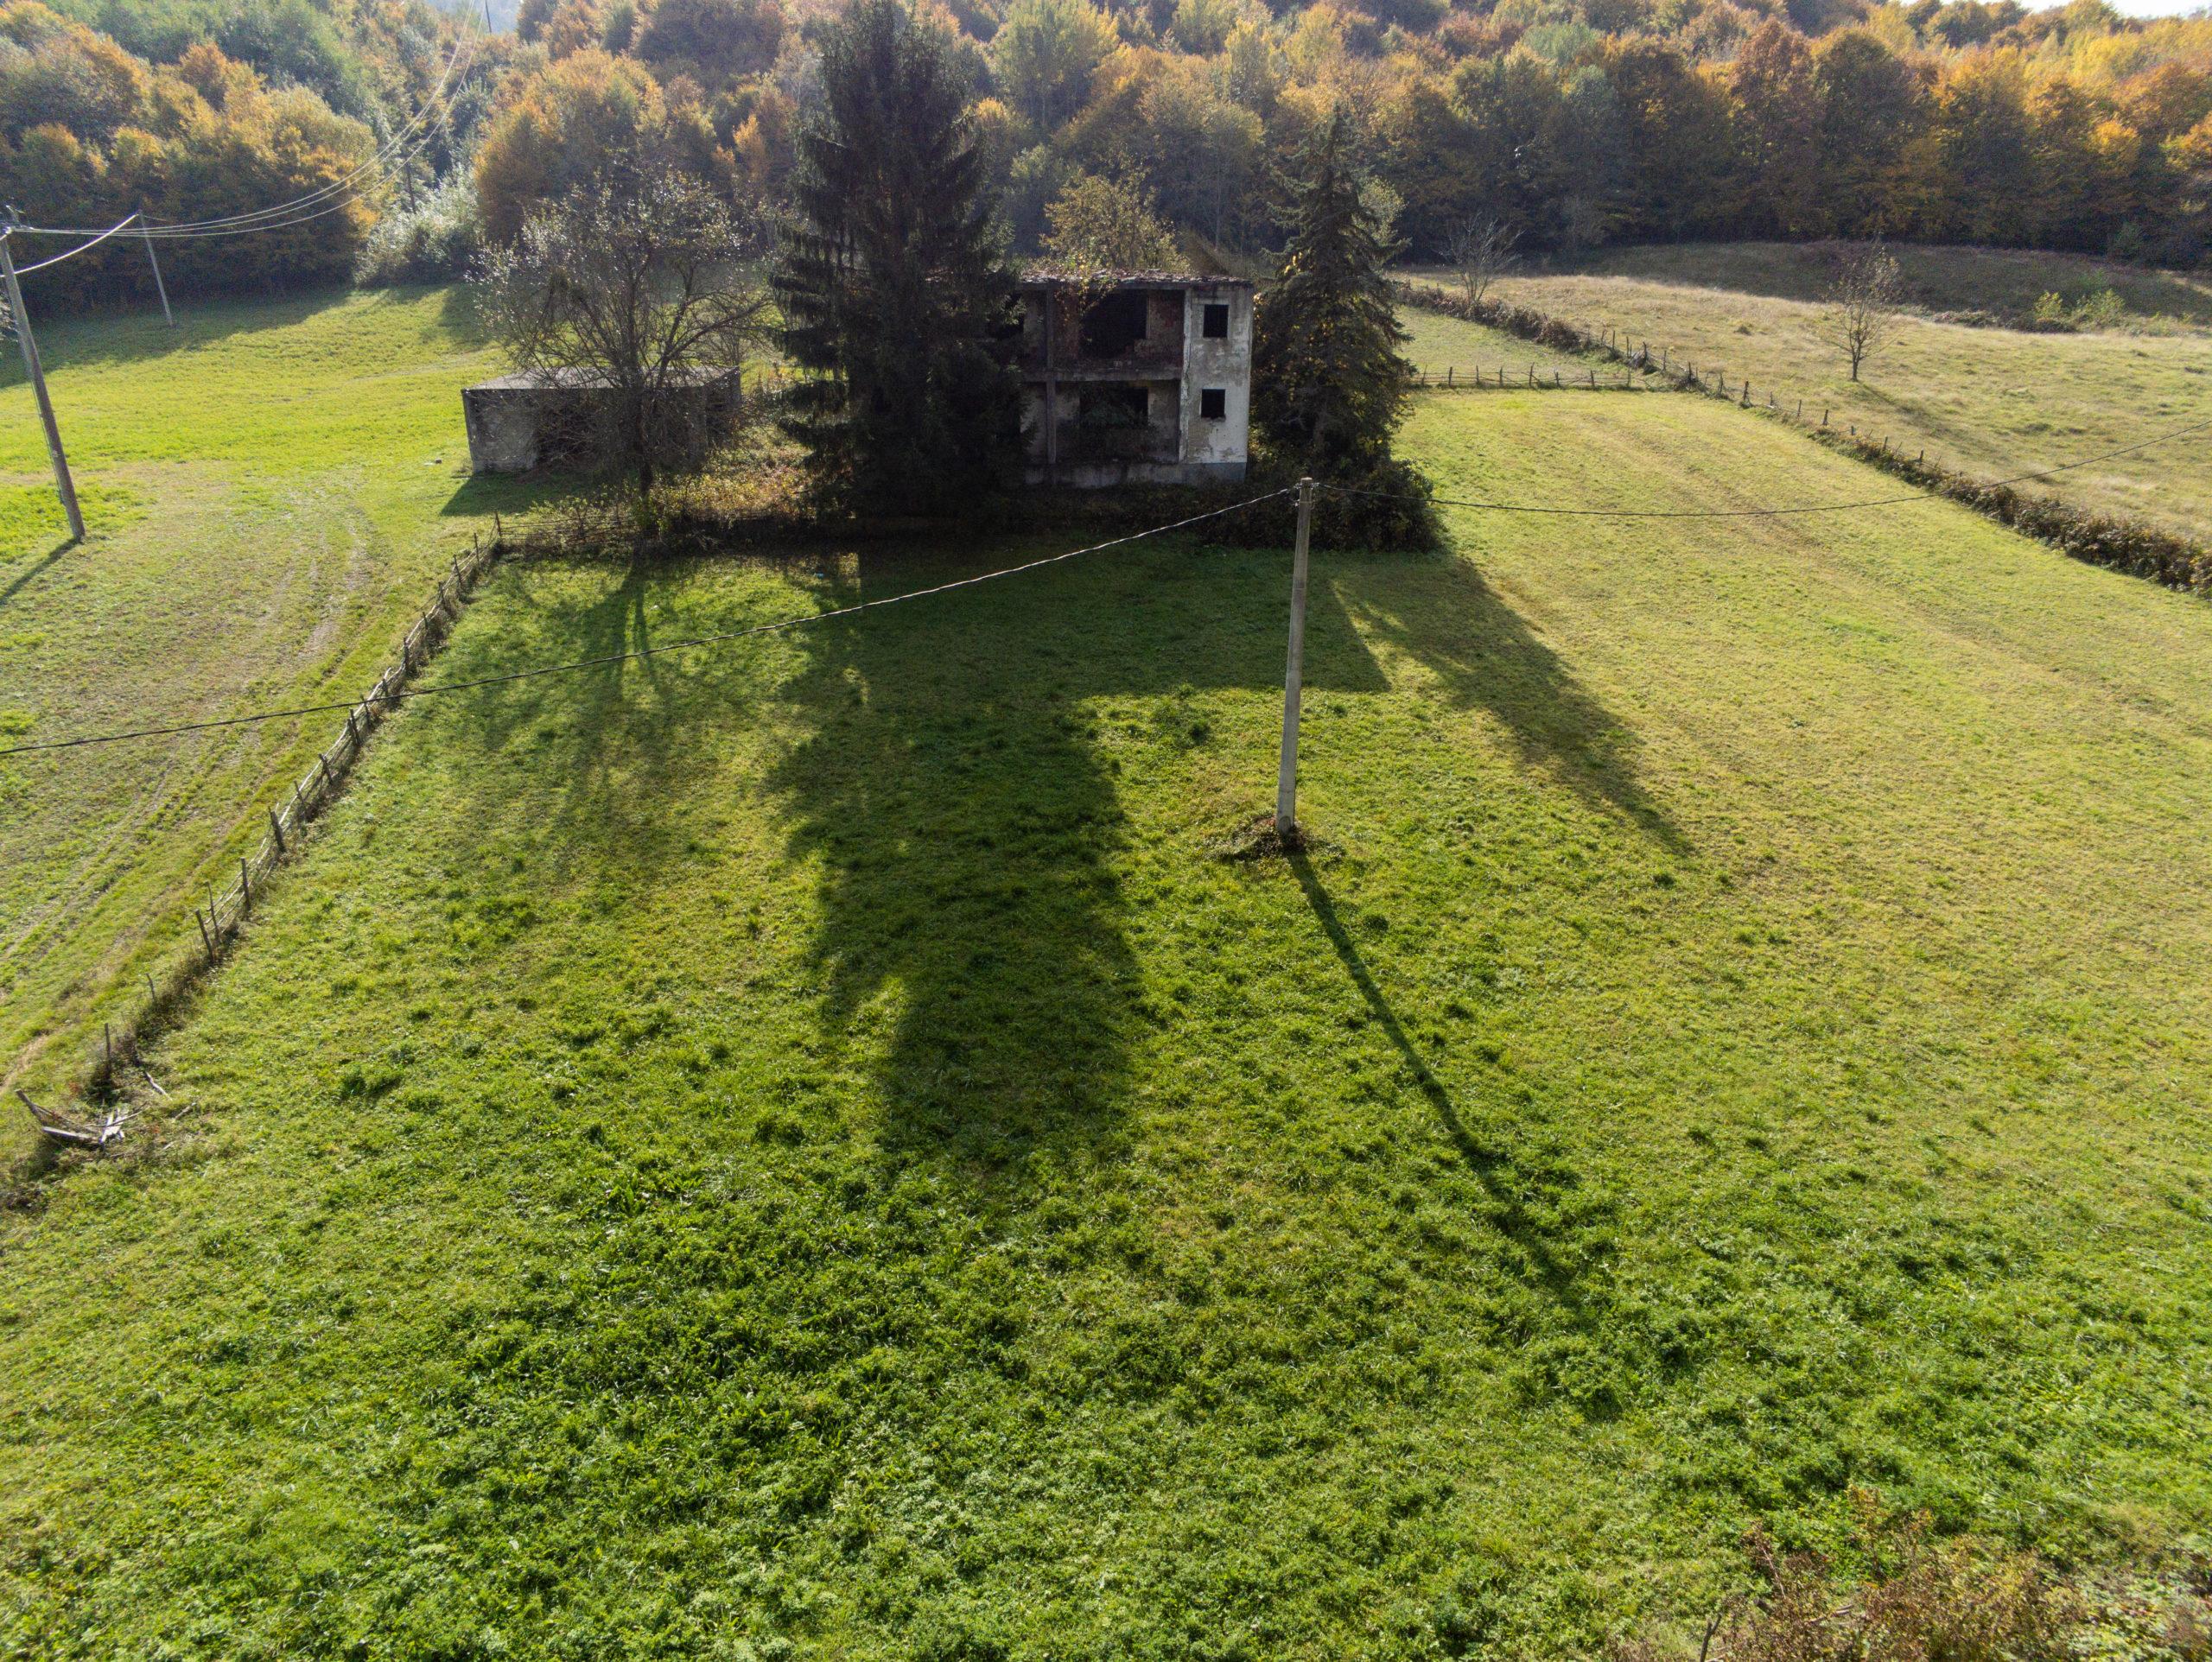 Cancari Road 5 - Drone